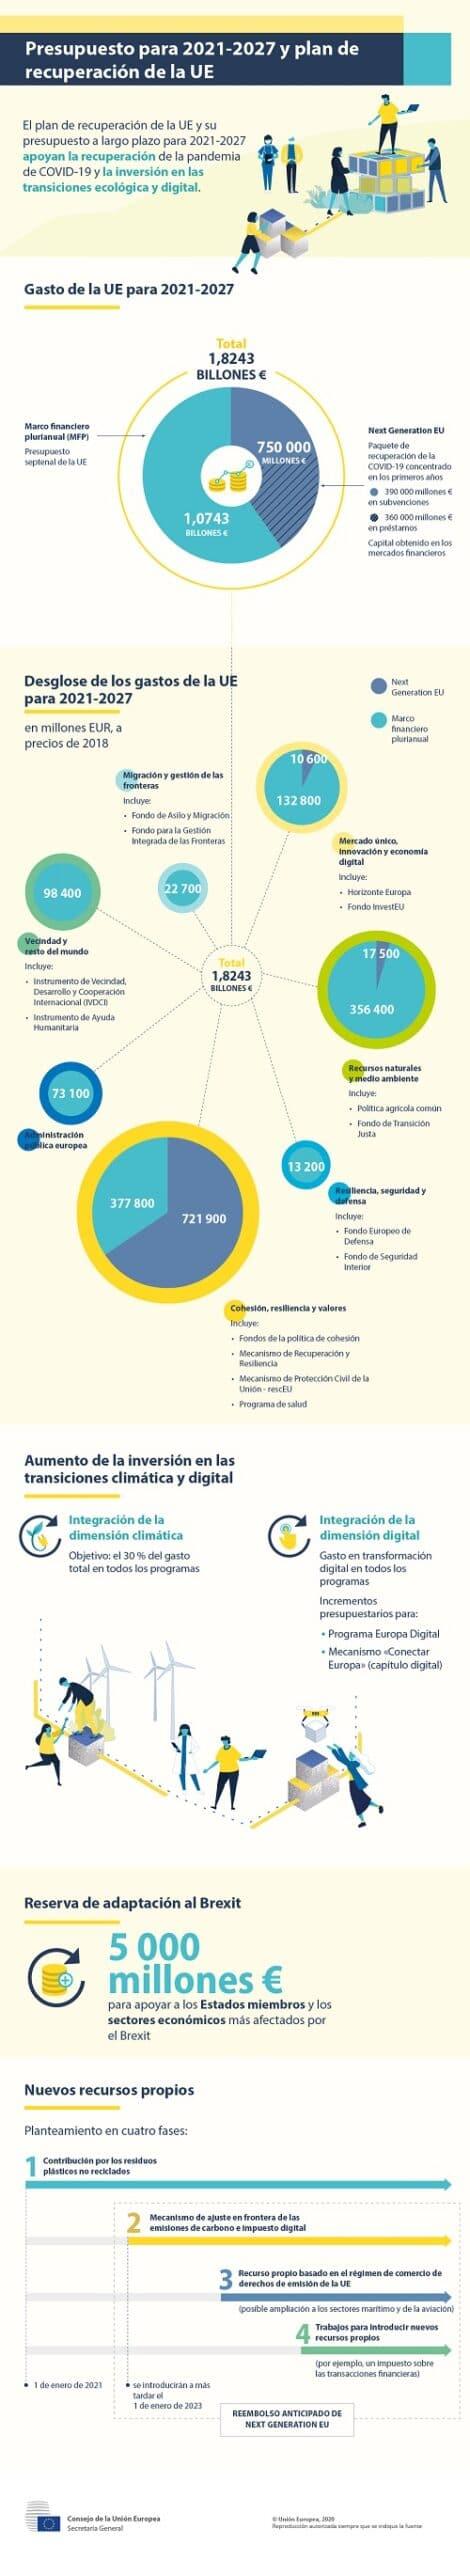 Infografía Consejo de la Unión Europea